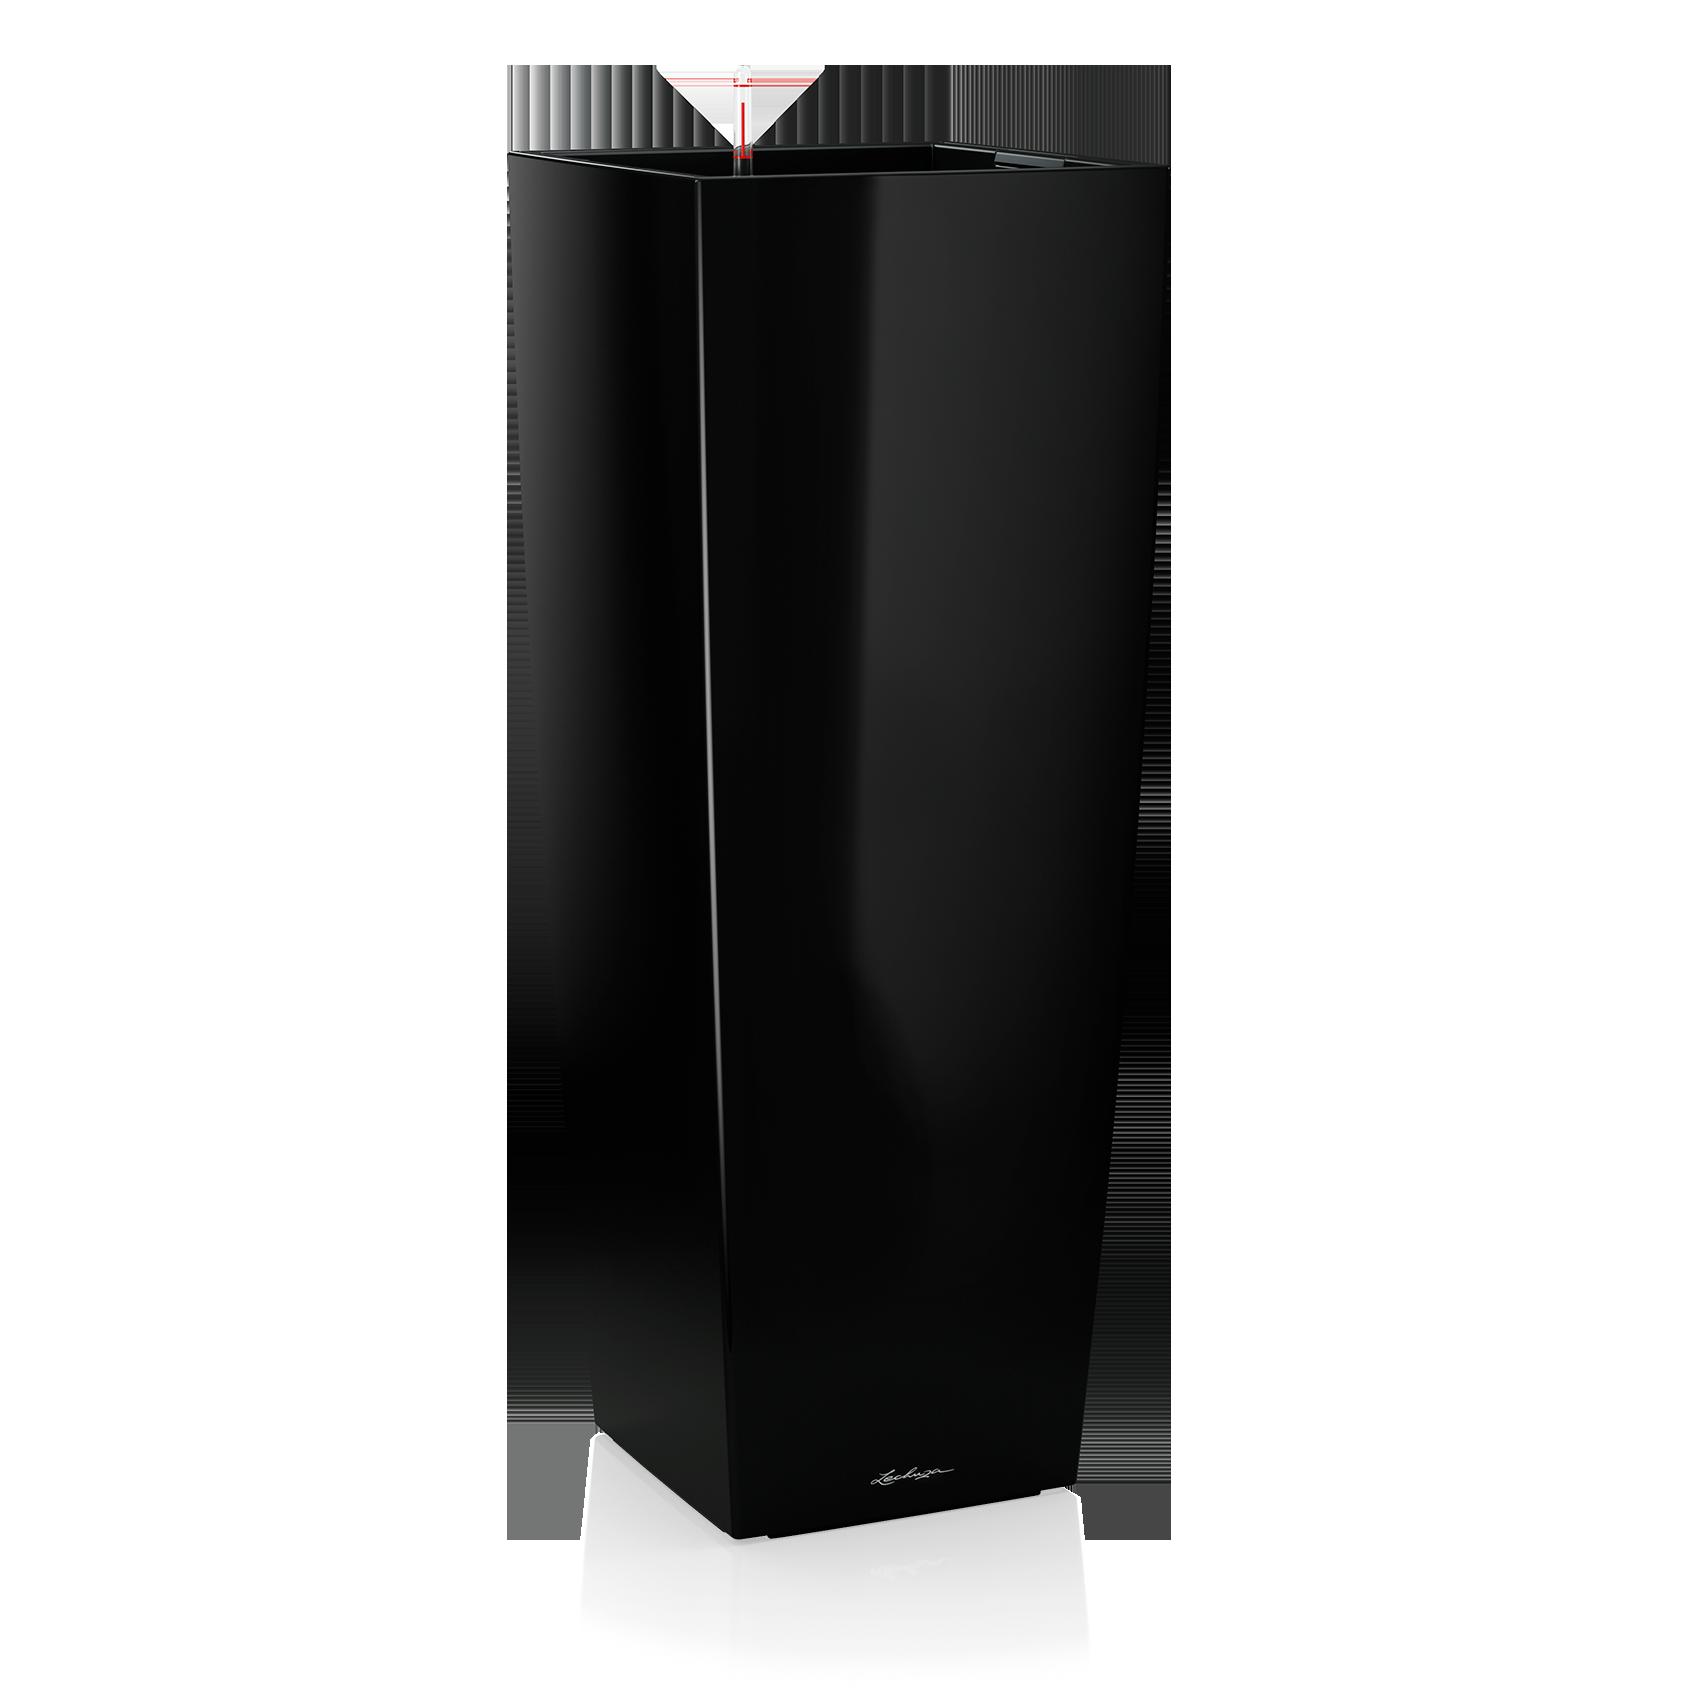 CUBICO ALTO black high-gloss